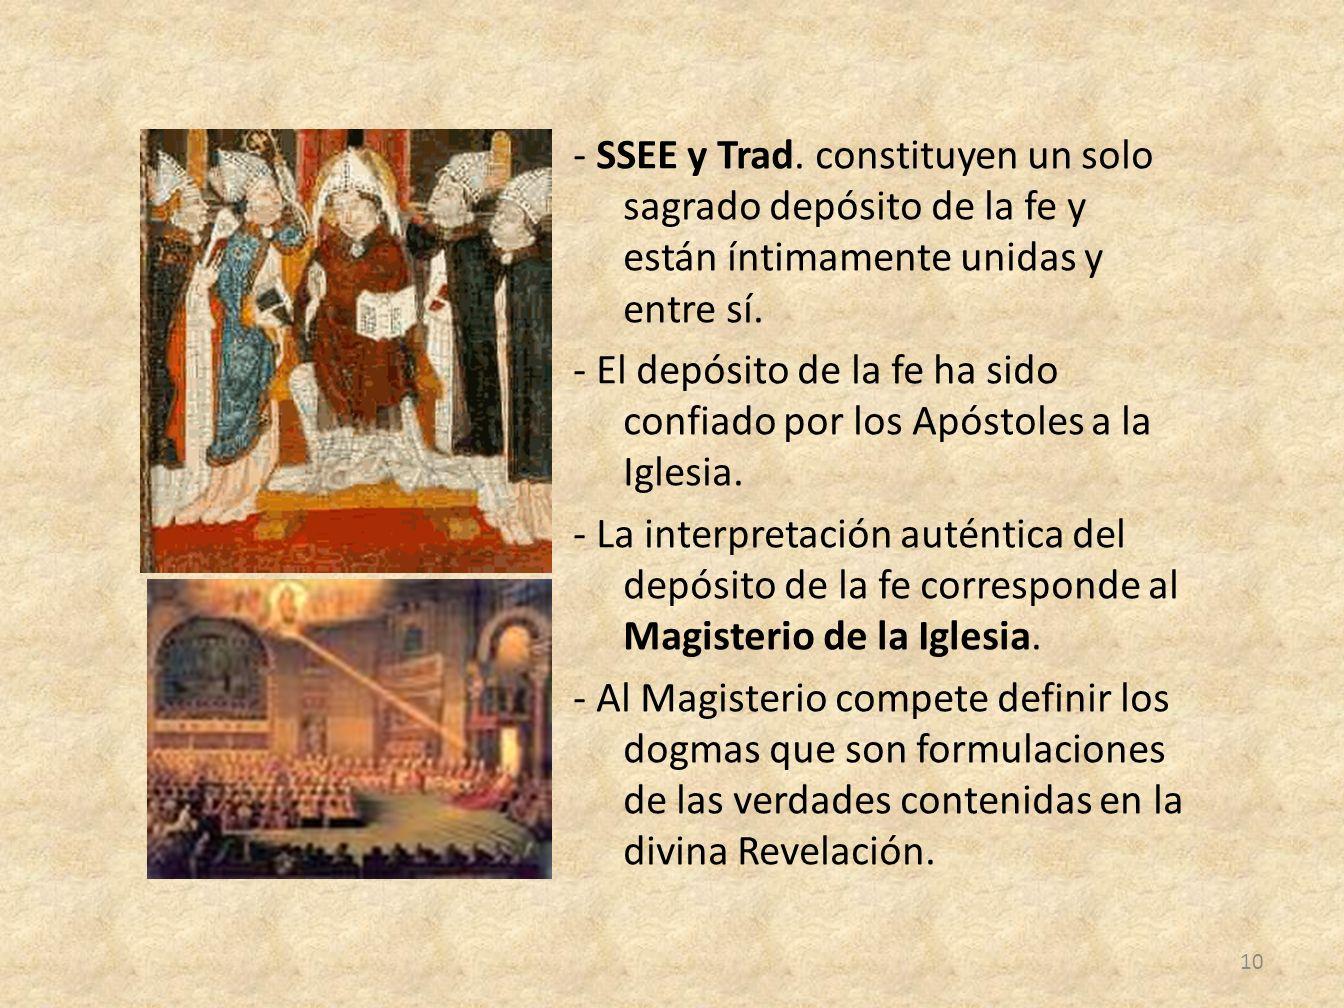 - SSEE y Trad. constituyen un solo sagrado depósito de la fe y están íntimamente unidas y entre sí.